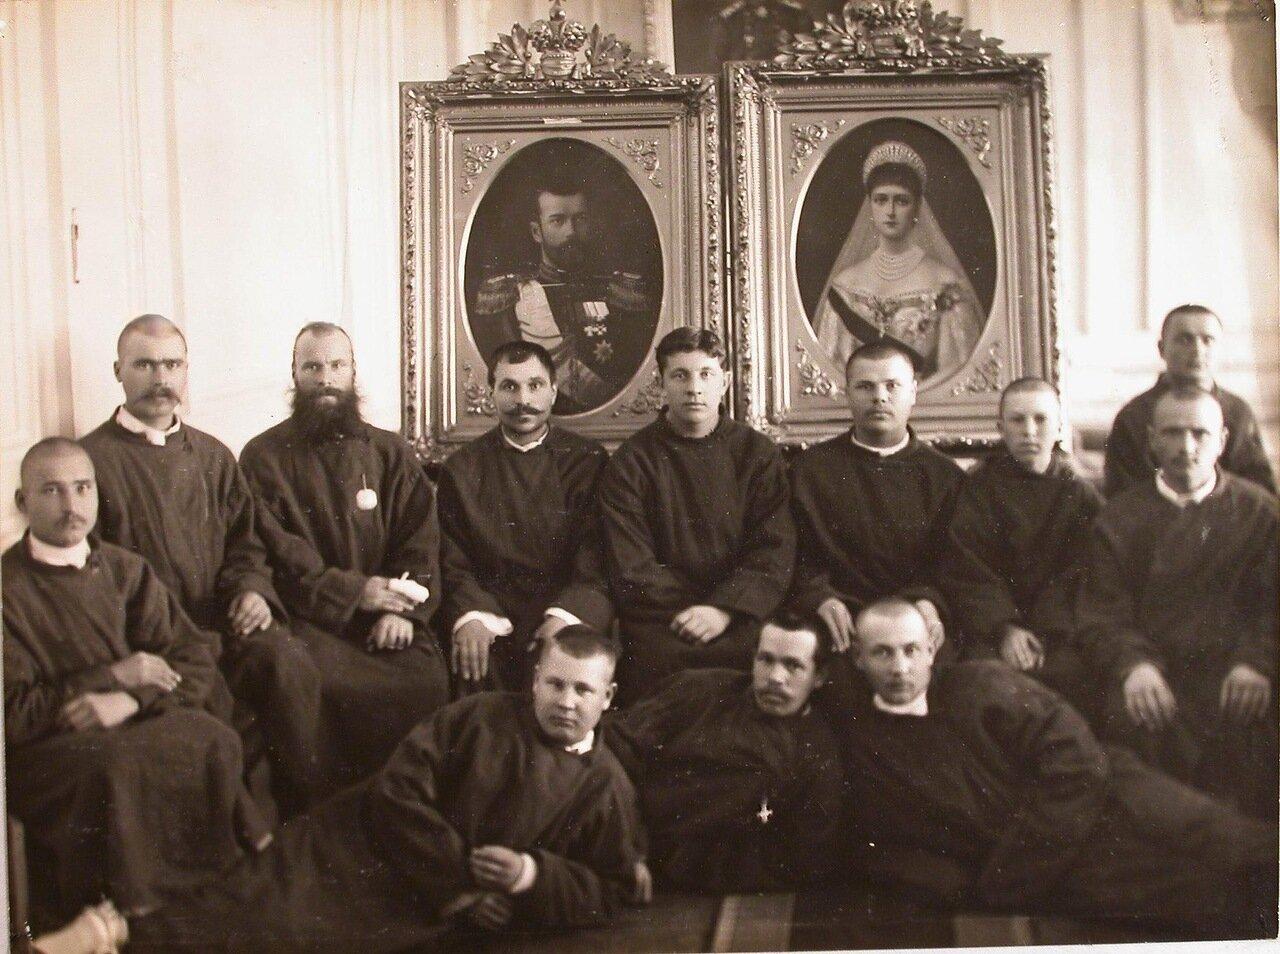 29. Группа раненых у портрета императора Николая II и императрицы Александры Федоровны